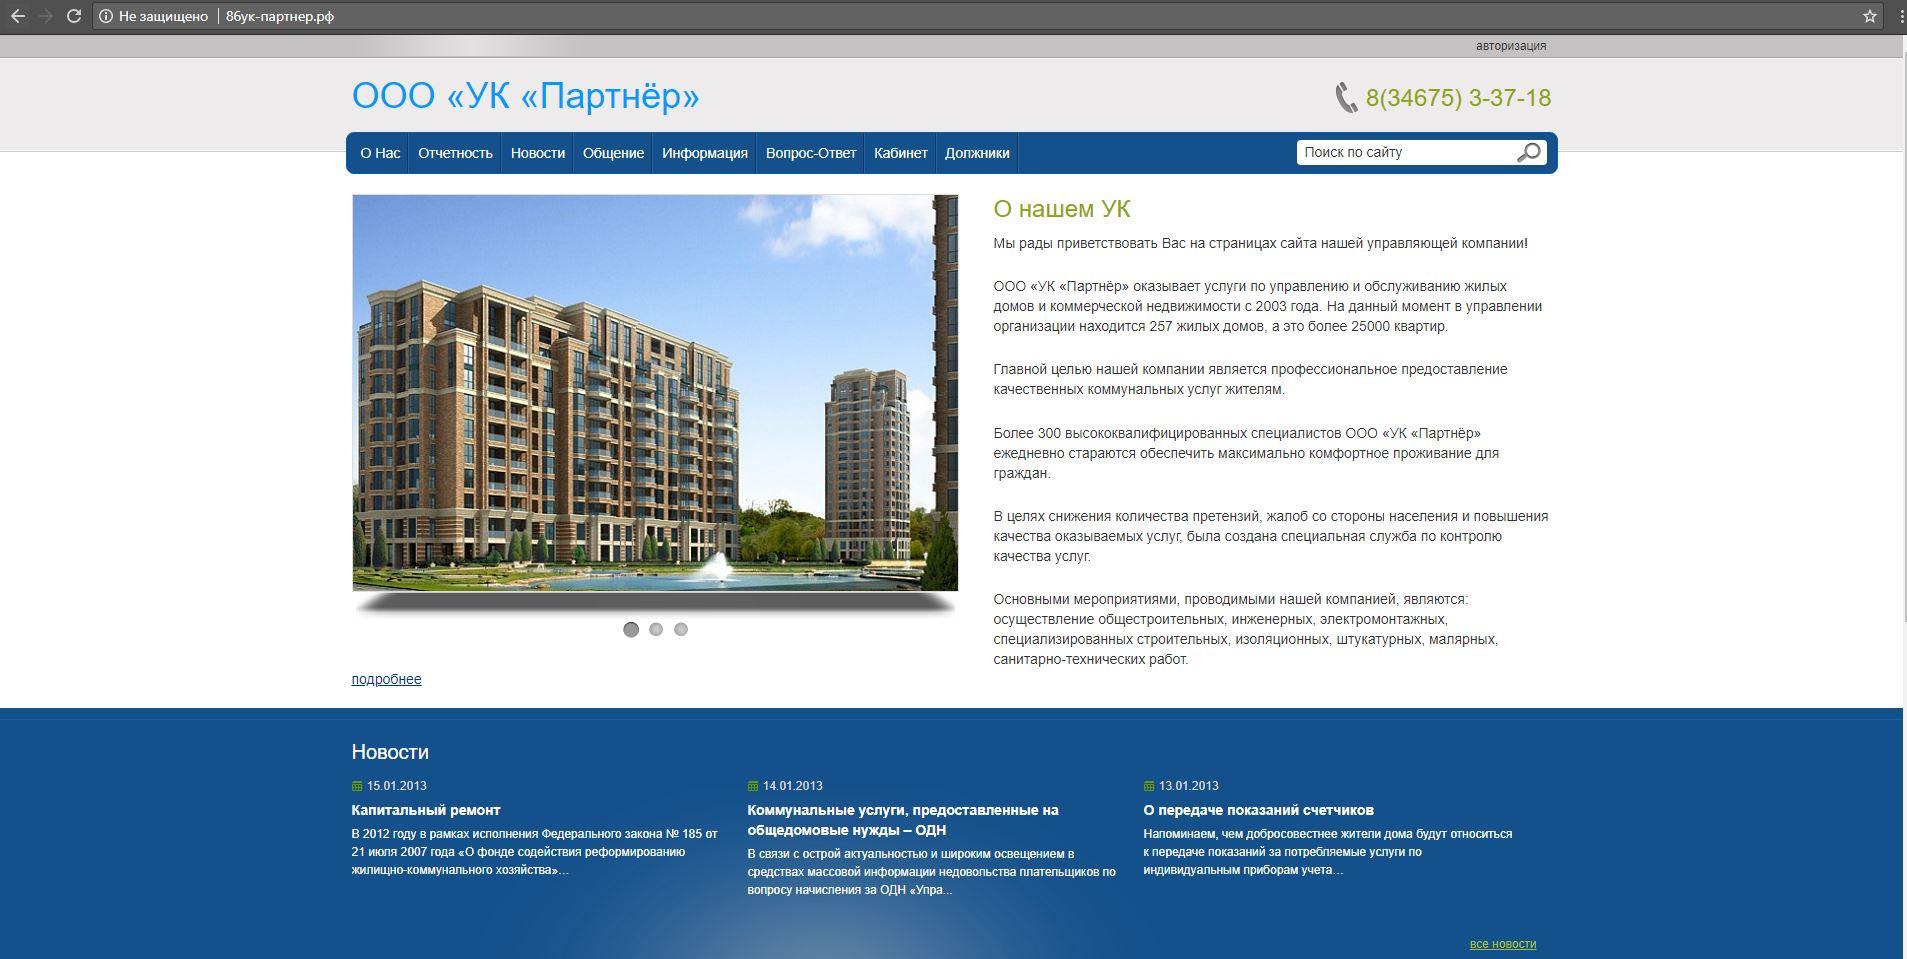 Ооо партнер официальный сайт управляющая компания создание сайта проэкты